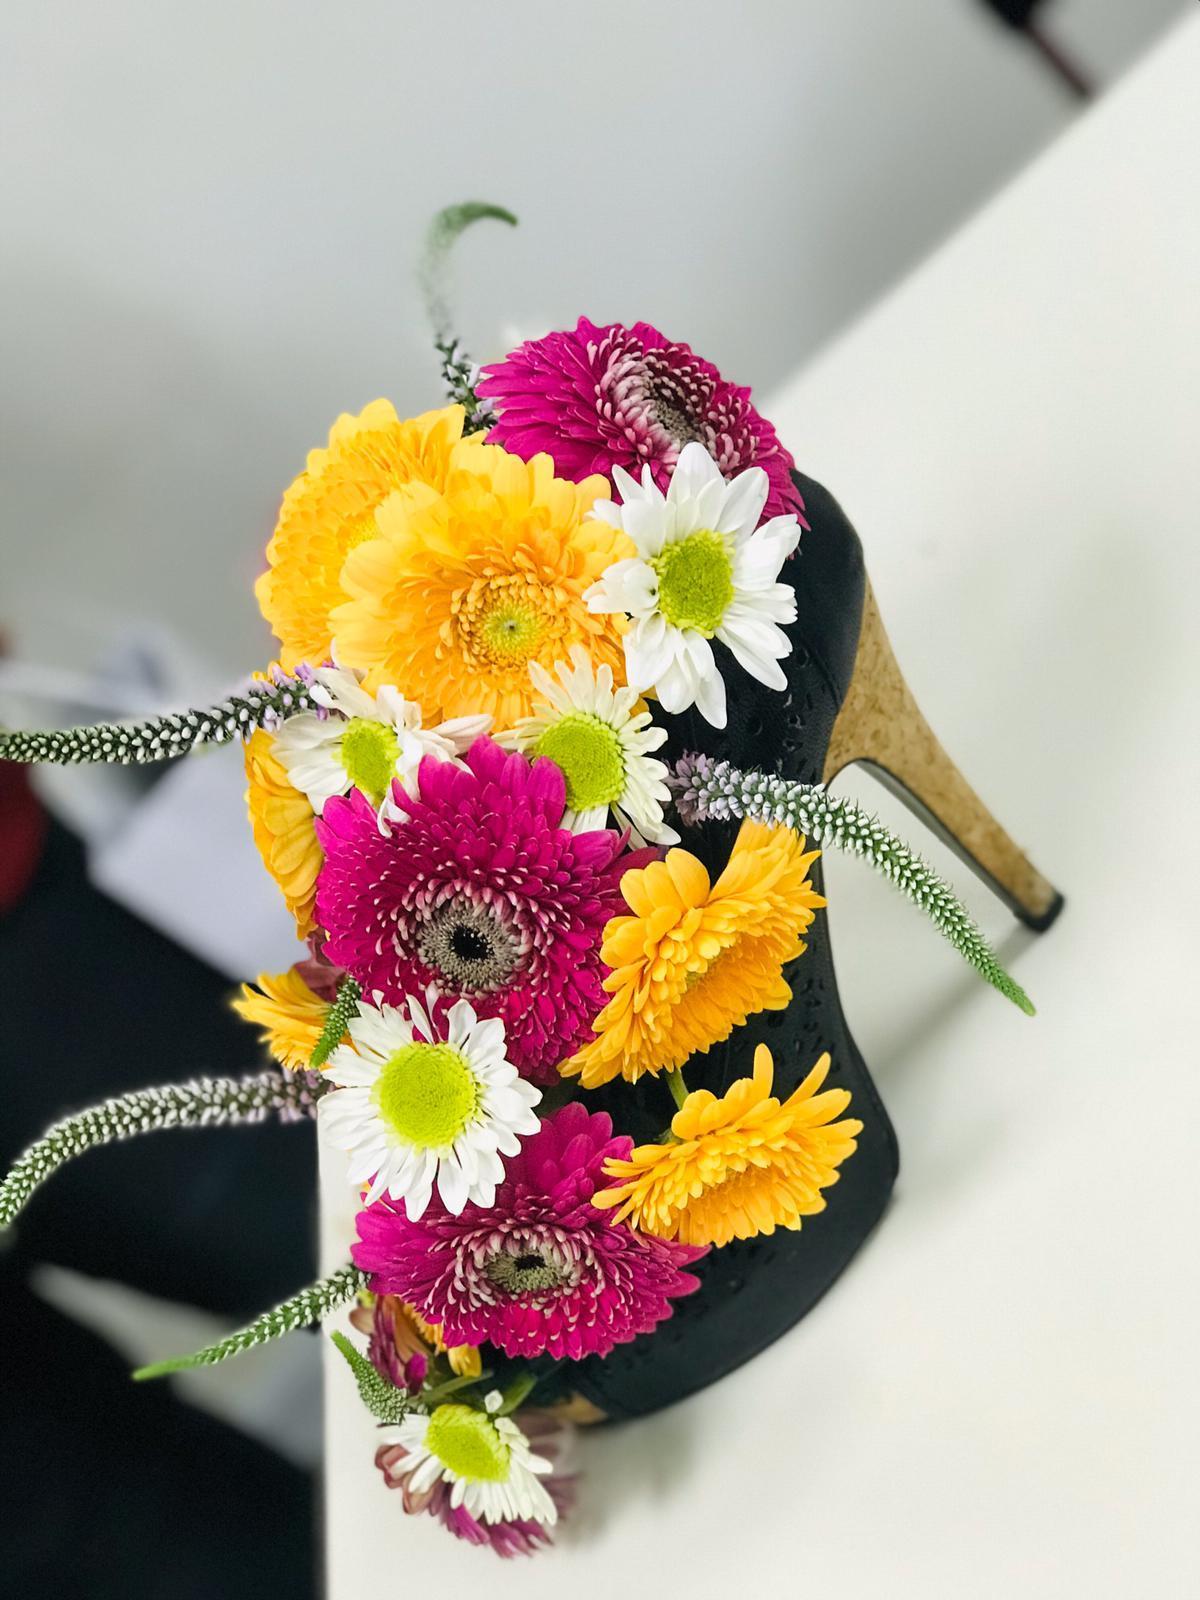 גלרייה - שיעור שזירת פרחים - קורס הפקת אירועים מחזור 24, 25 מתוך 35